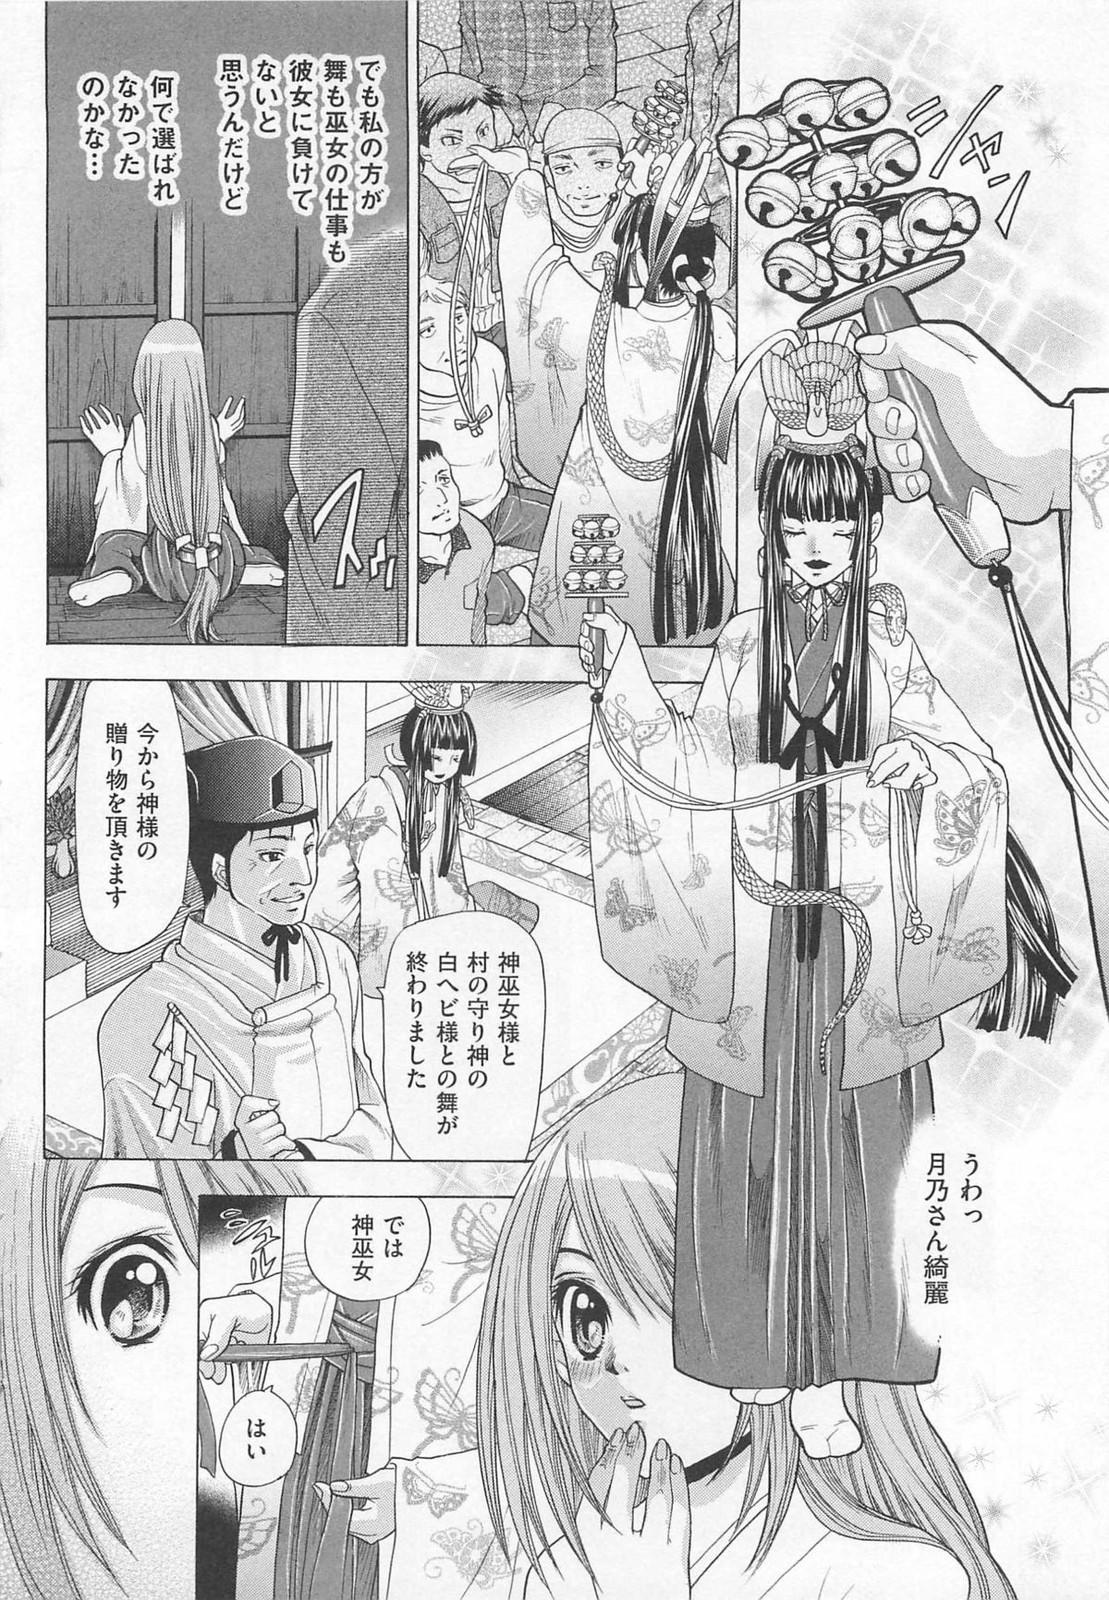 【エロ漫画】村の神社で行われているスカトロ祭を覗き見してしまった少女…罰として一生肉便器として監禁されるという刑に処されるwww【橘孝志:巫女の仕事】